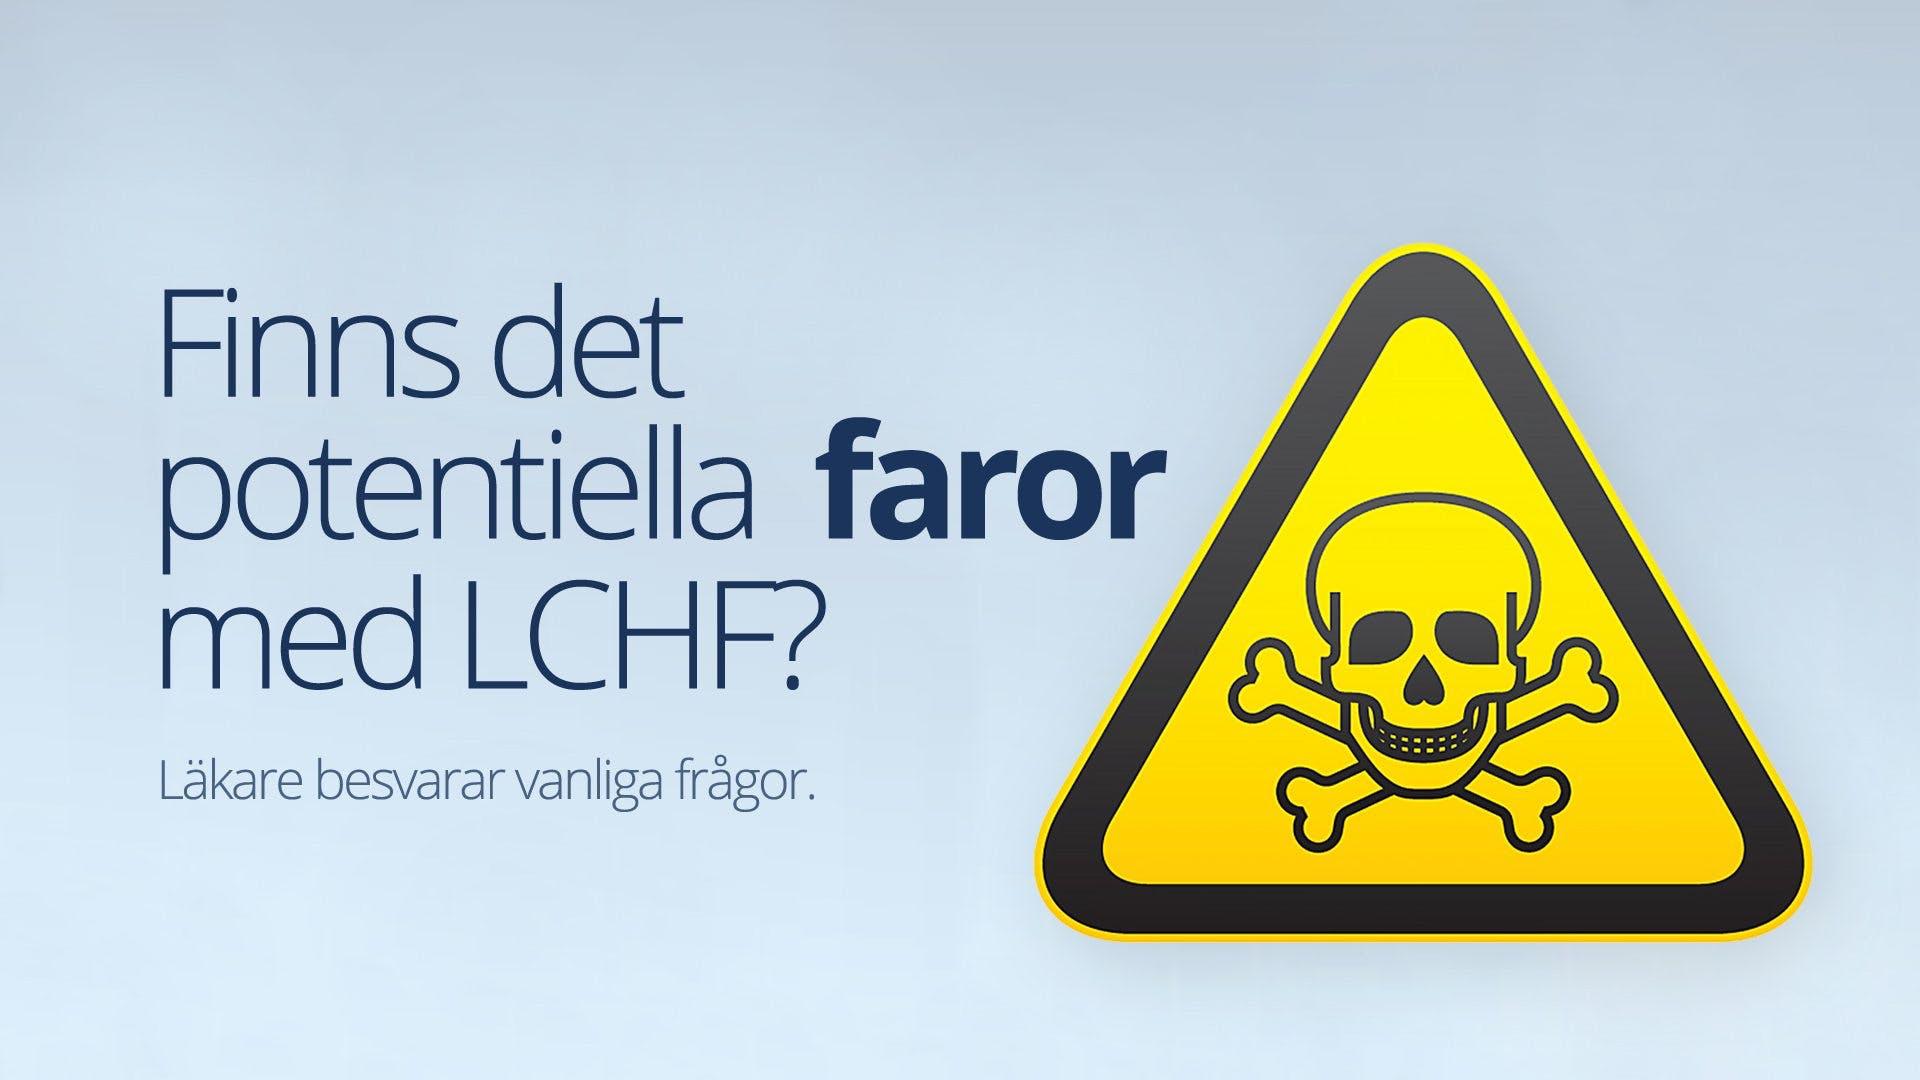 Finns det potentiella faror med LCHF? Svar på vanliga frågor